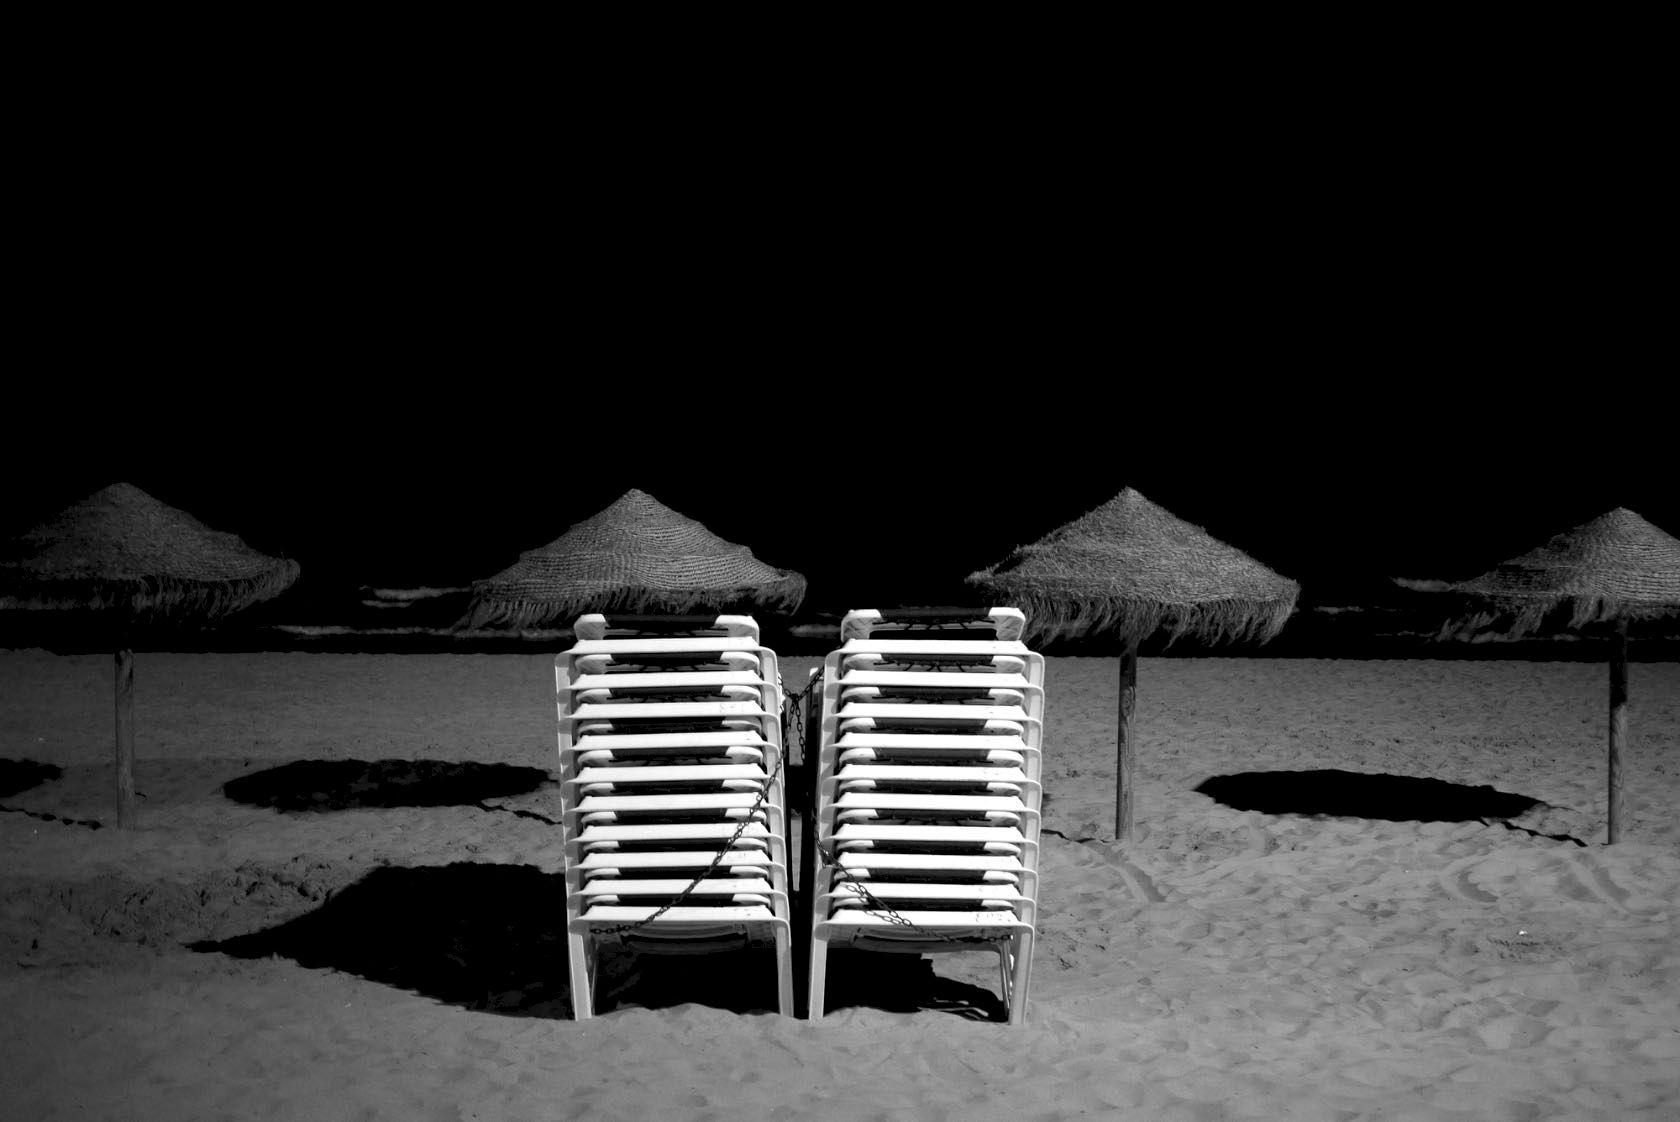 beach-at-night 15547609687 o